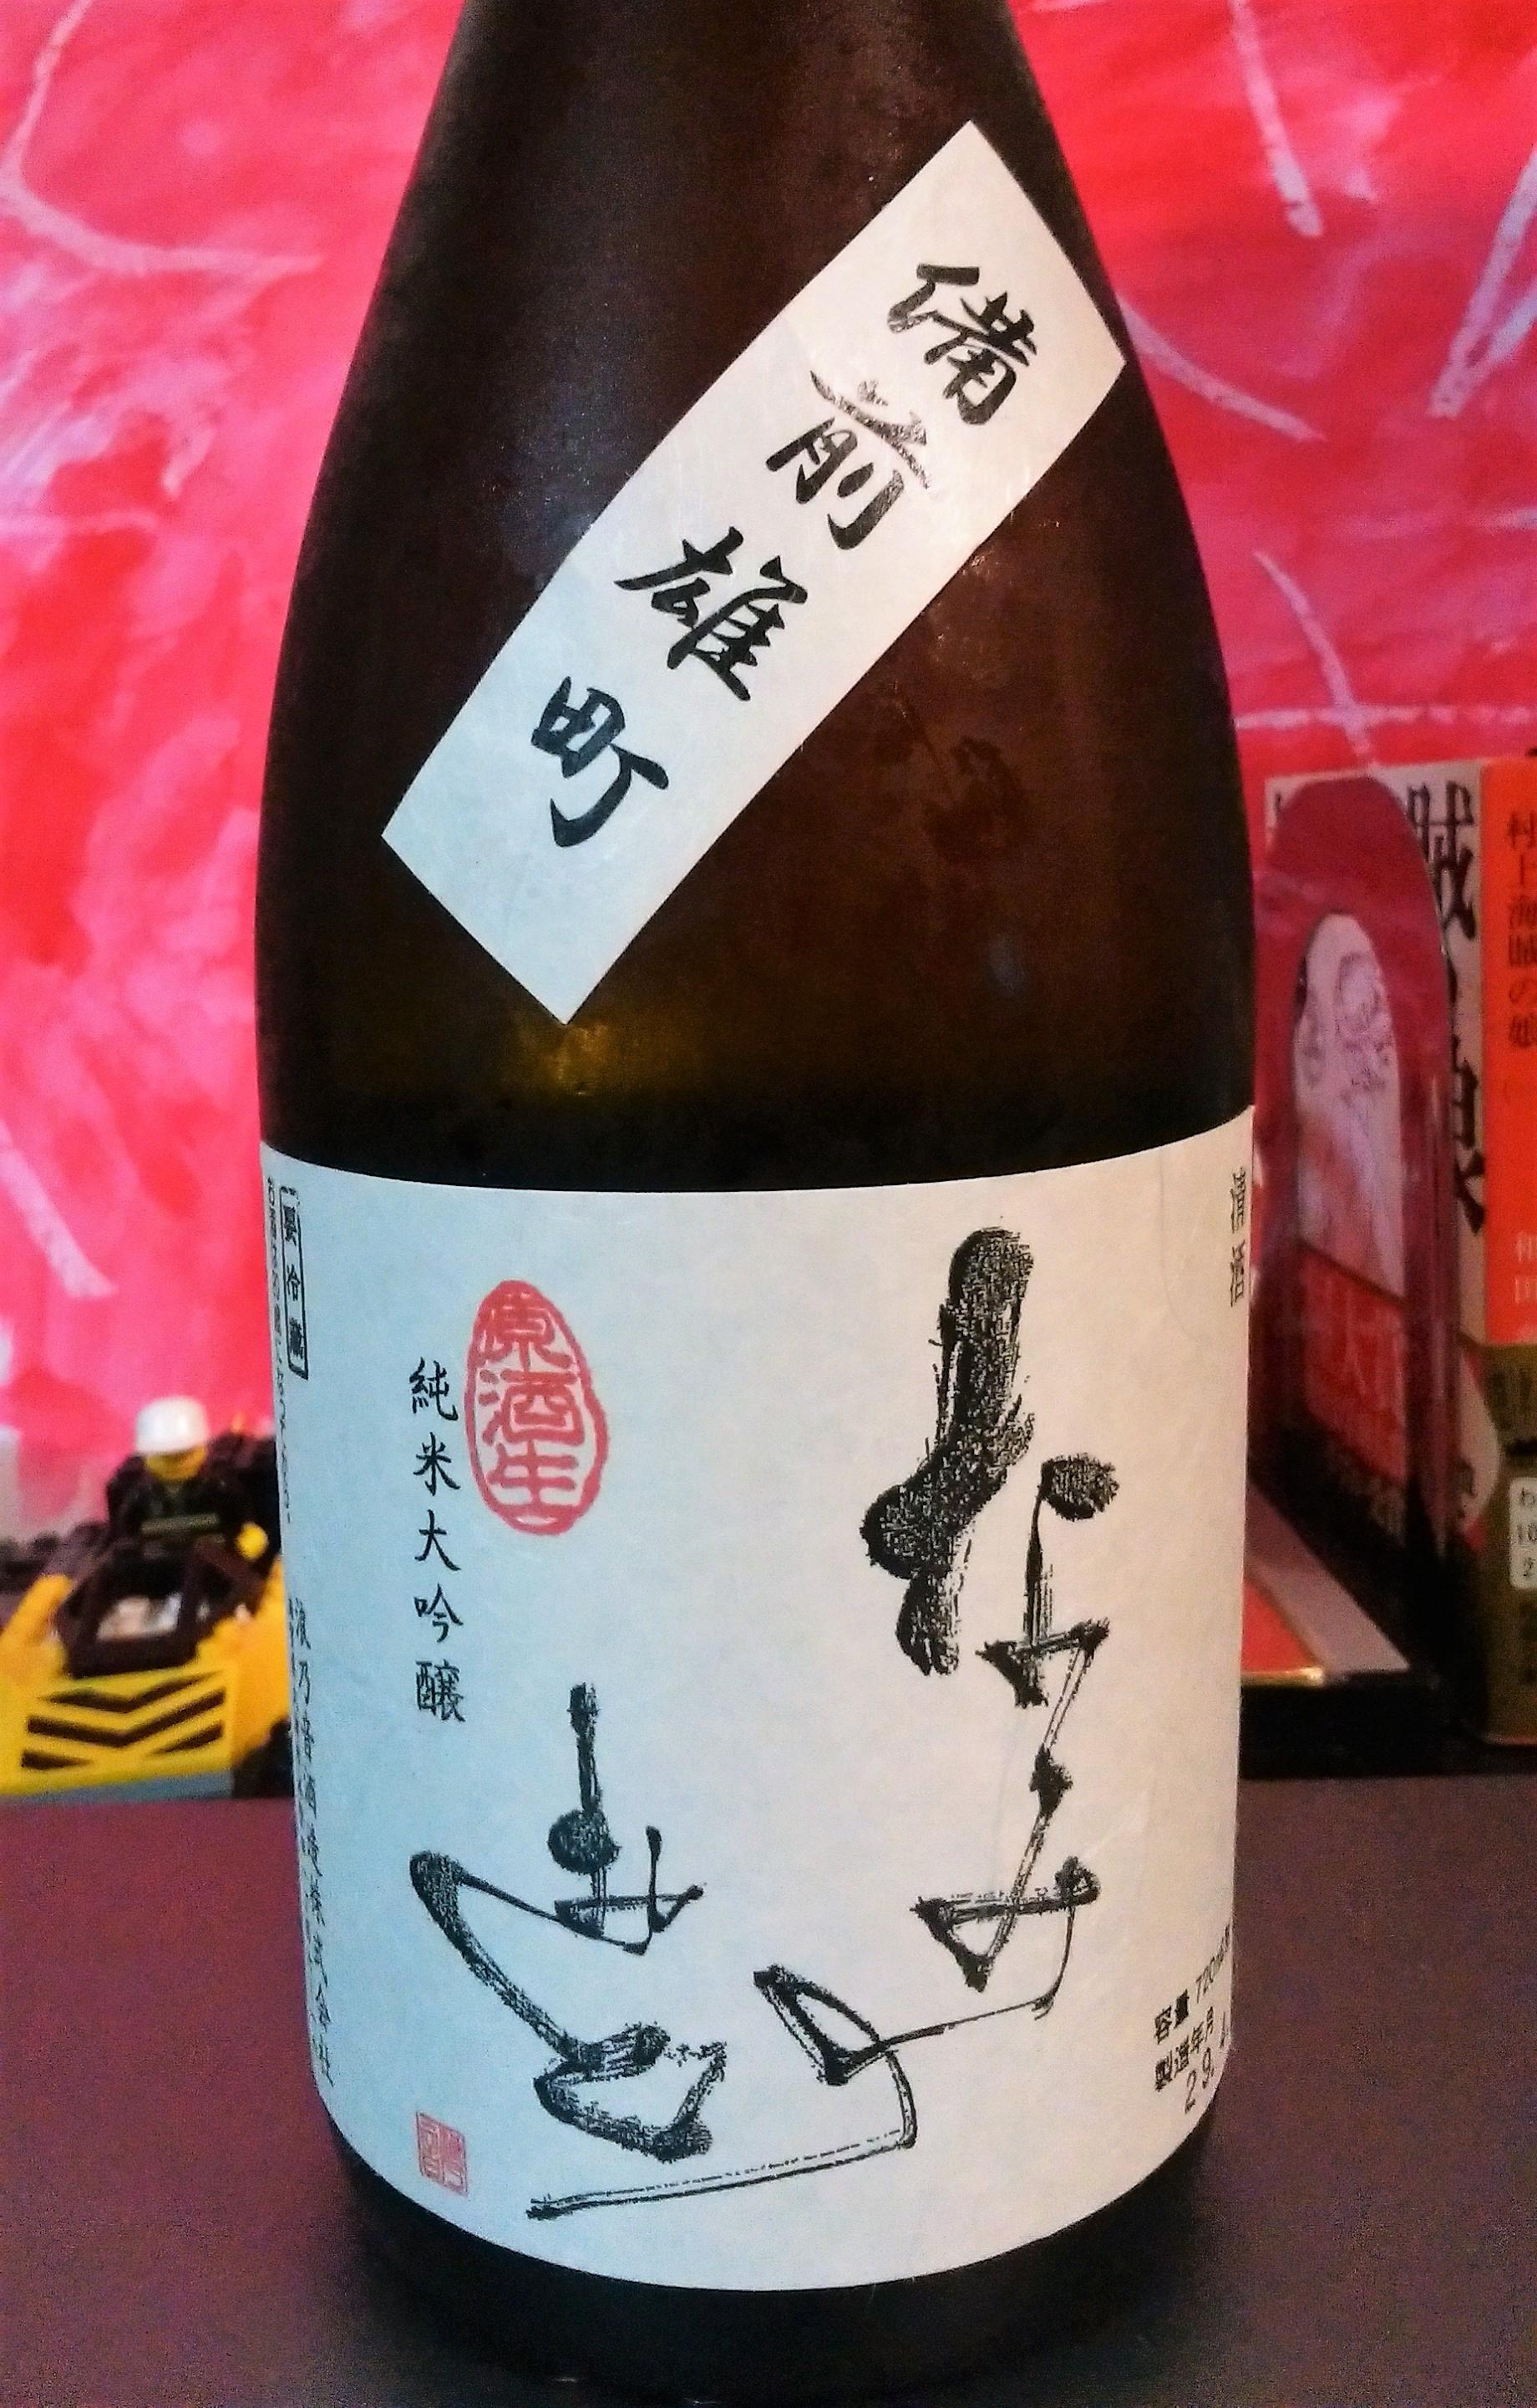 近江の地酒:浪乃音 純米大吟醸 原酒生 備前雄町